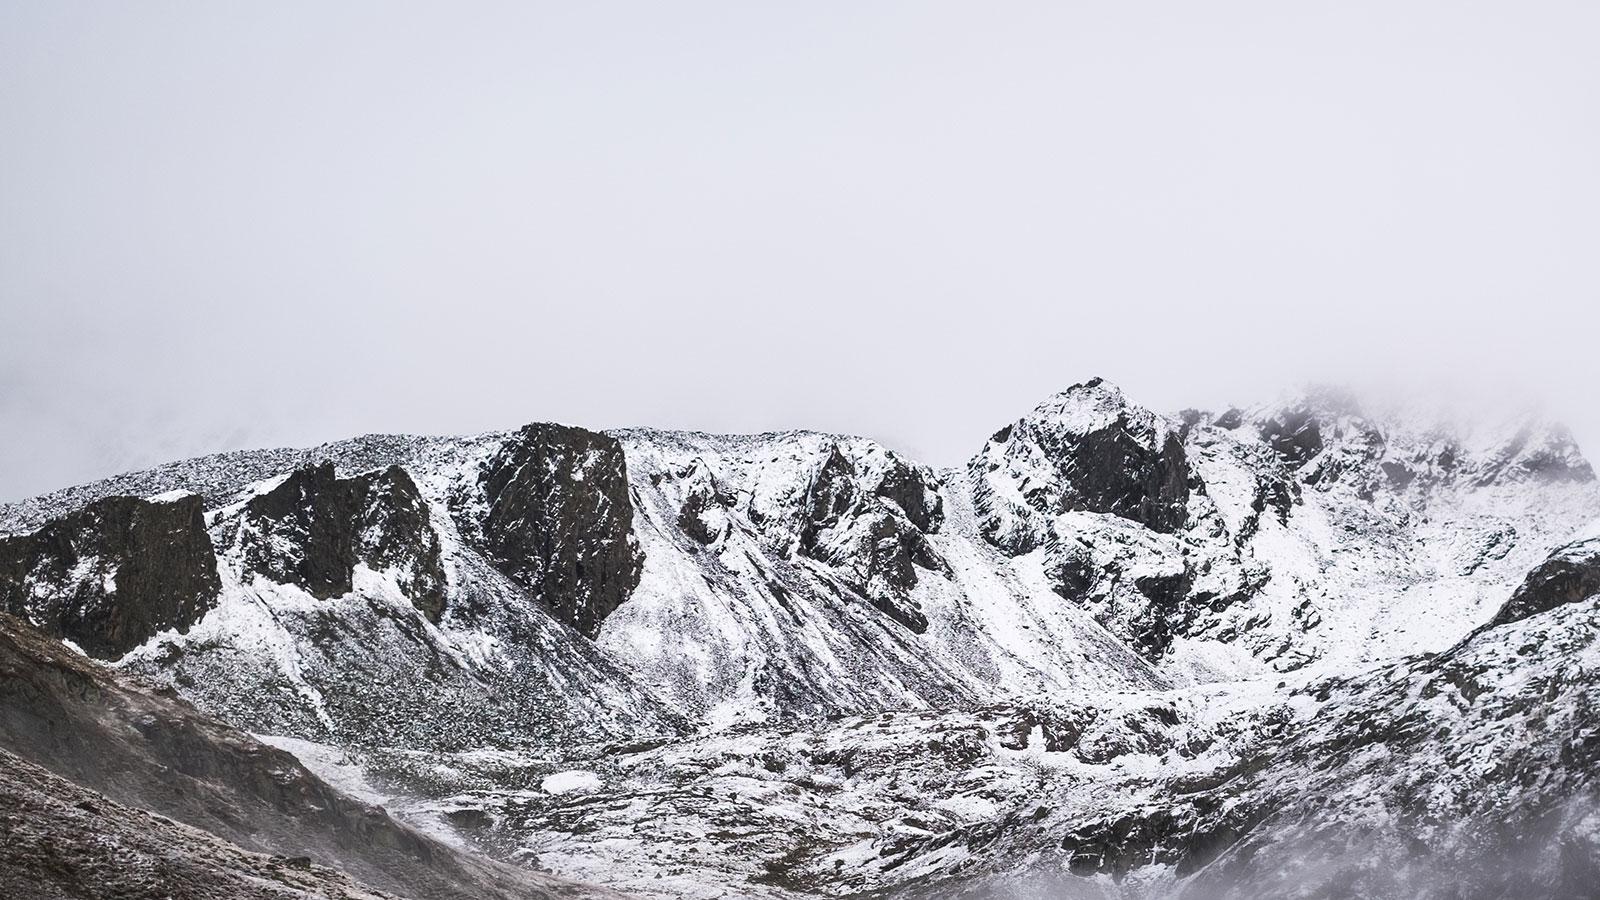 Morgenstimmung. Bergsteigen am Stubaier | Pauli Trenkwalder, Berge & Psychologie